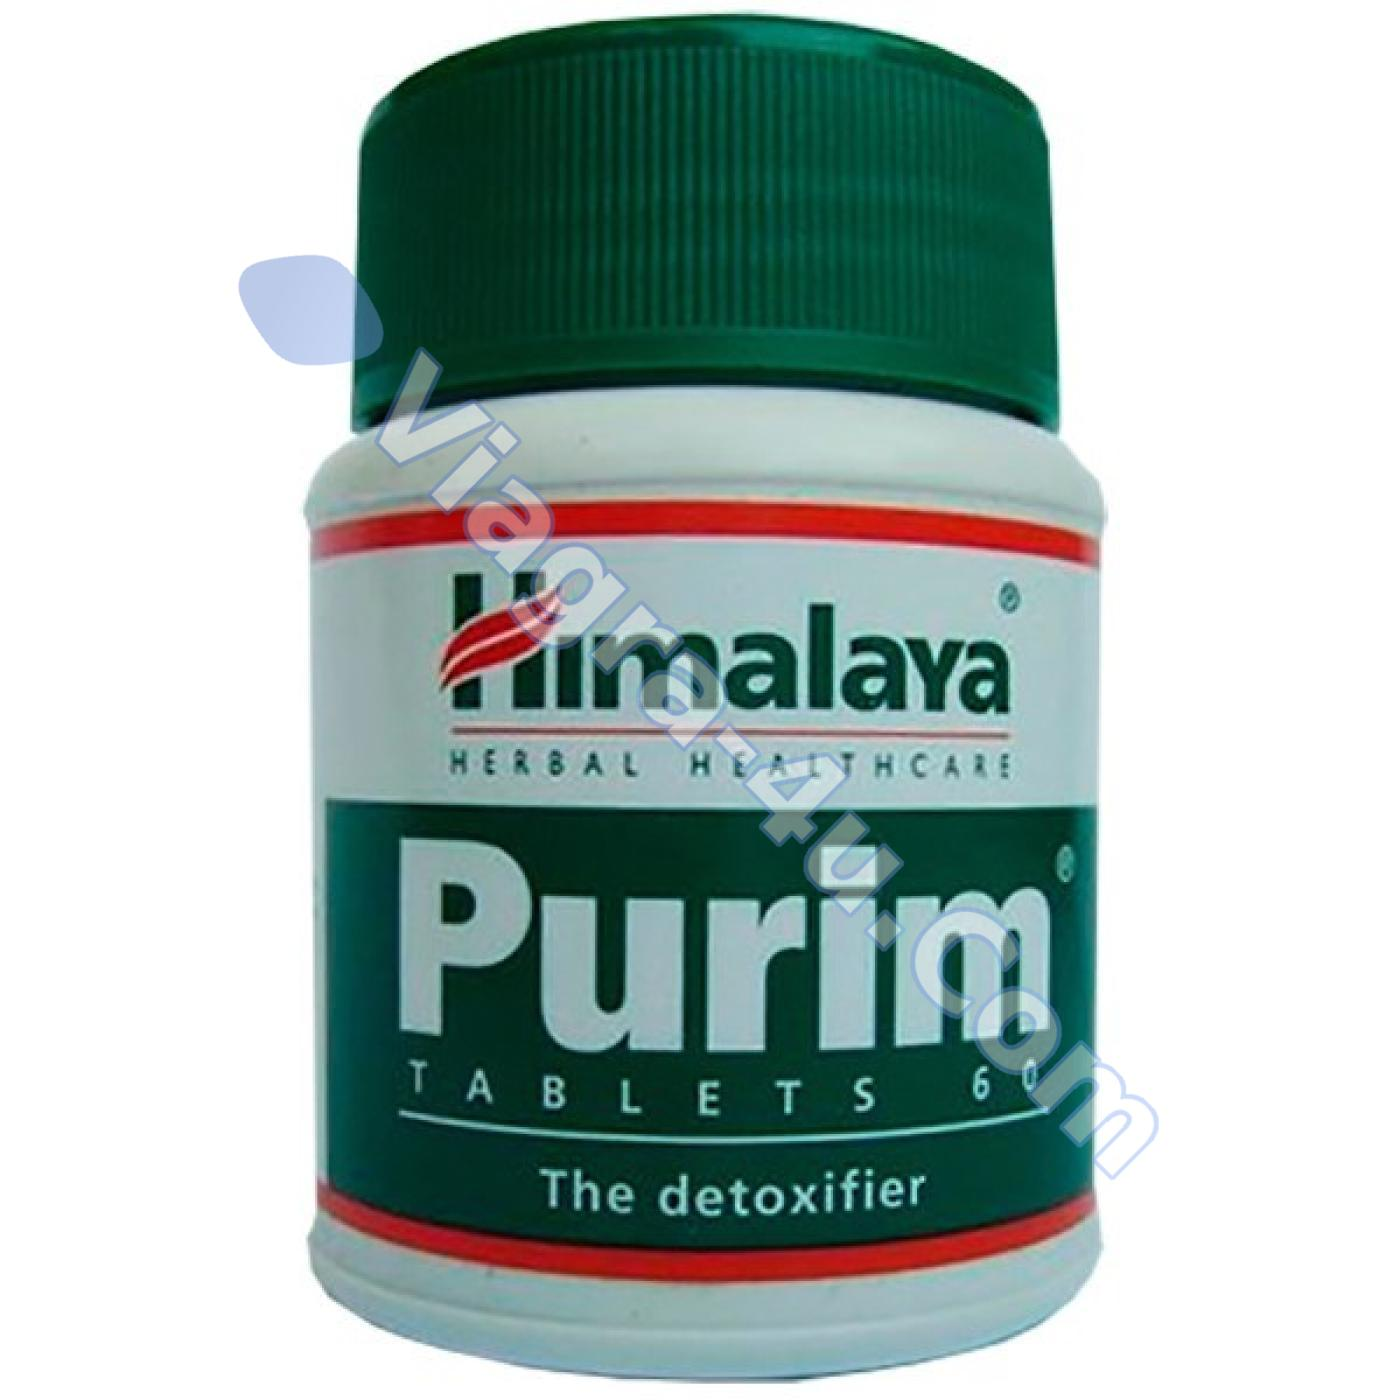 Kaufen Himalaya Purim Tab ohne Rezept